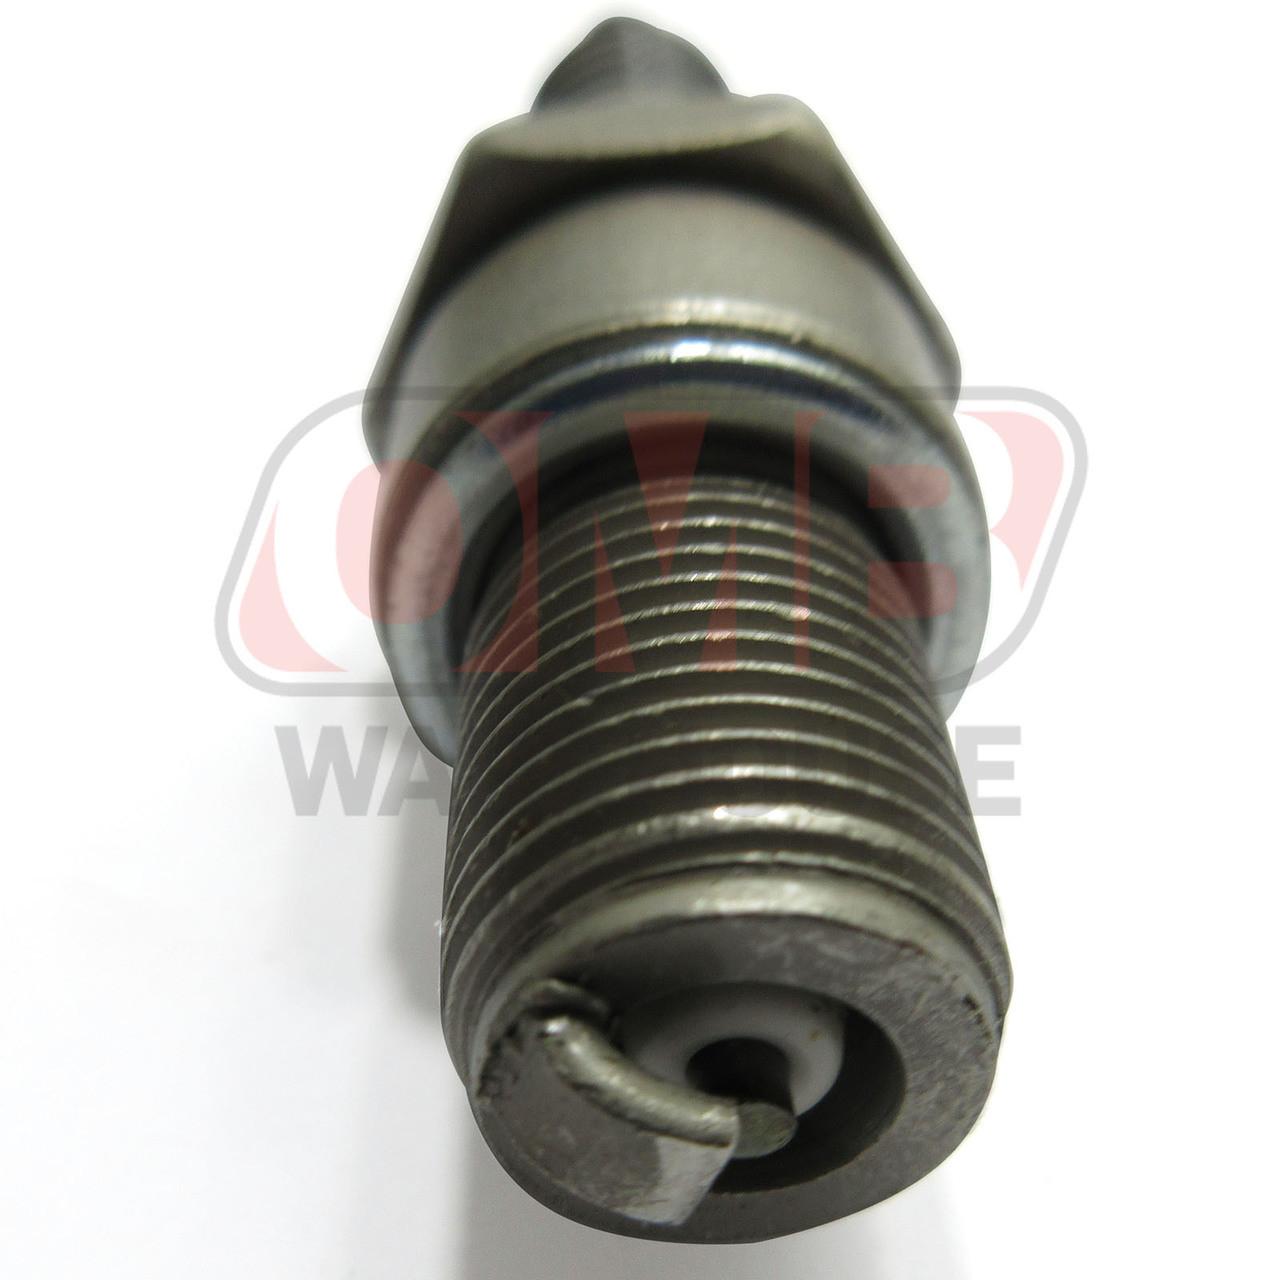 Autolite 2593 Copper Core Racing Spark Plug - 3/4'' - Medium